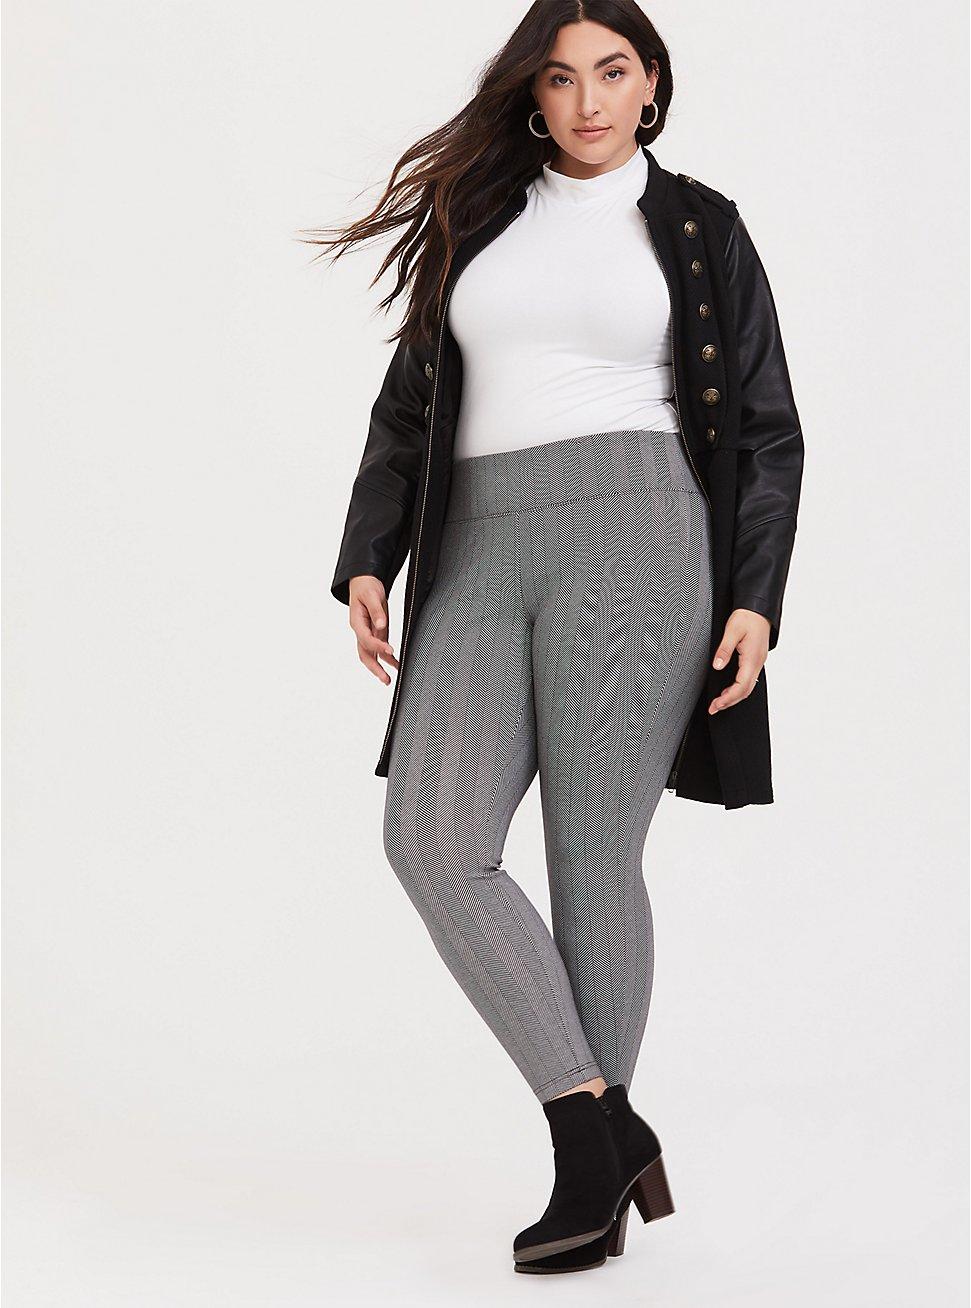 Plus Size Studio Ponte Slim Fix Pixie Pant - Black Herringbone, HERRINGBONE PLAID, hi-res